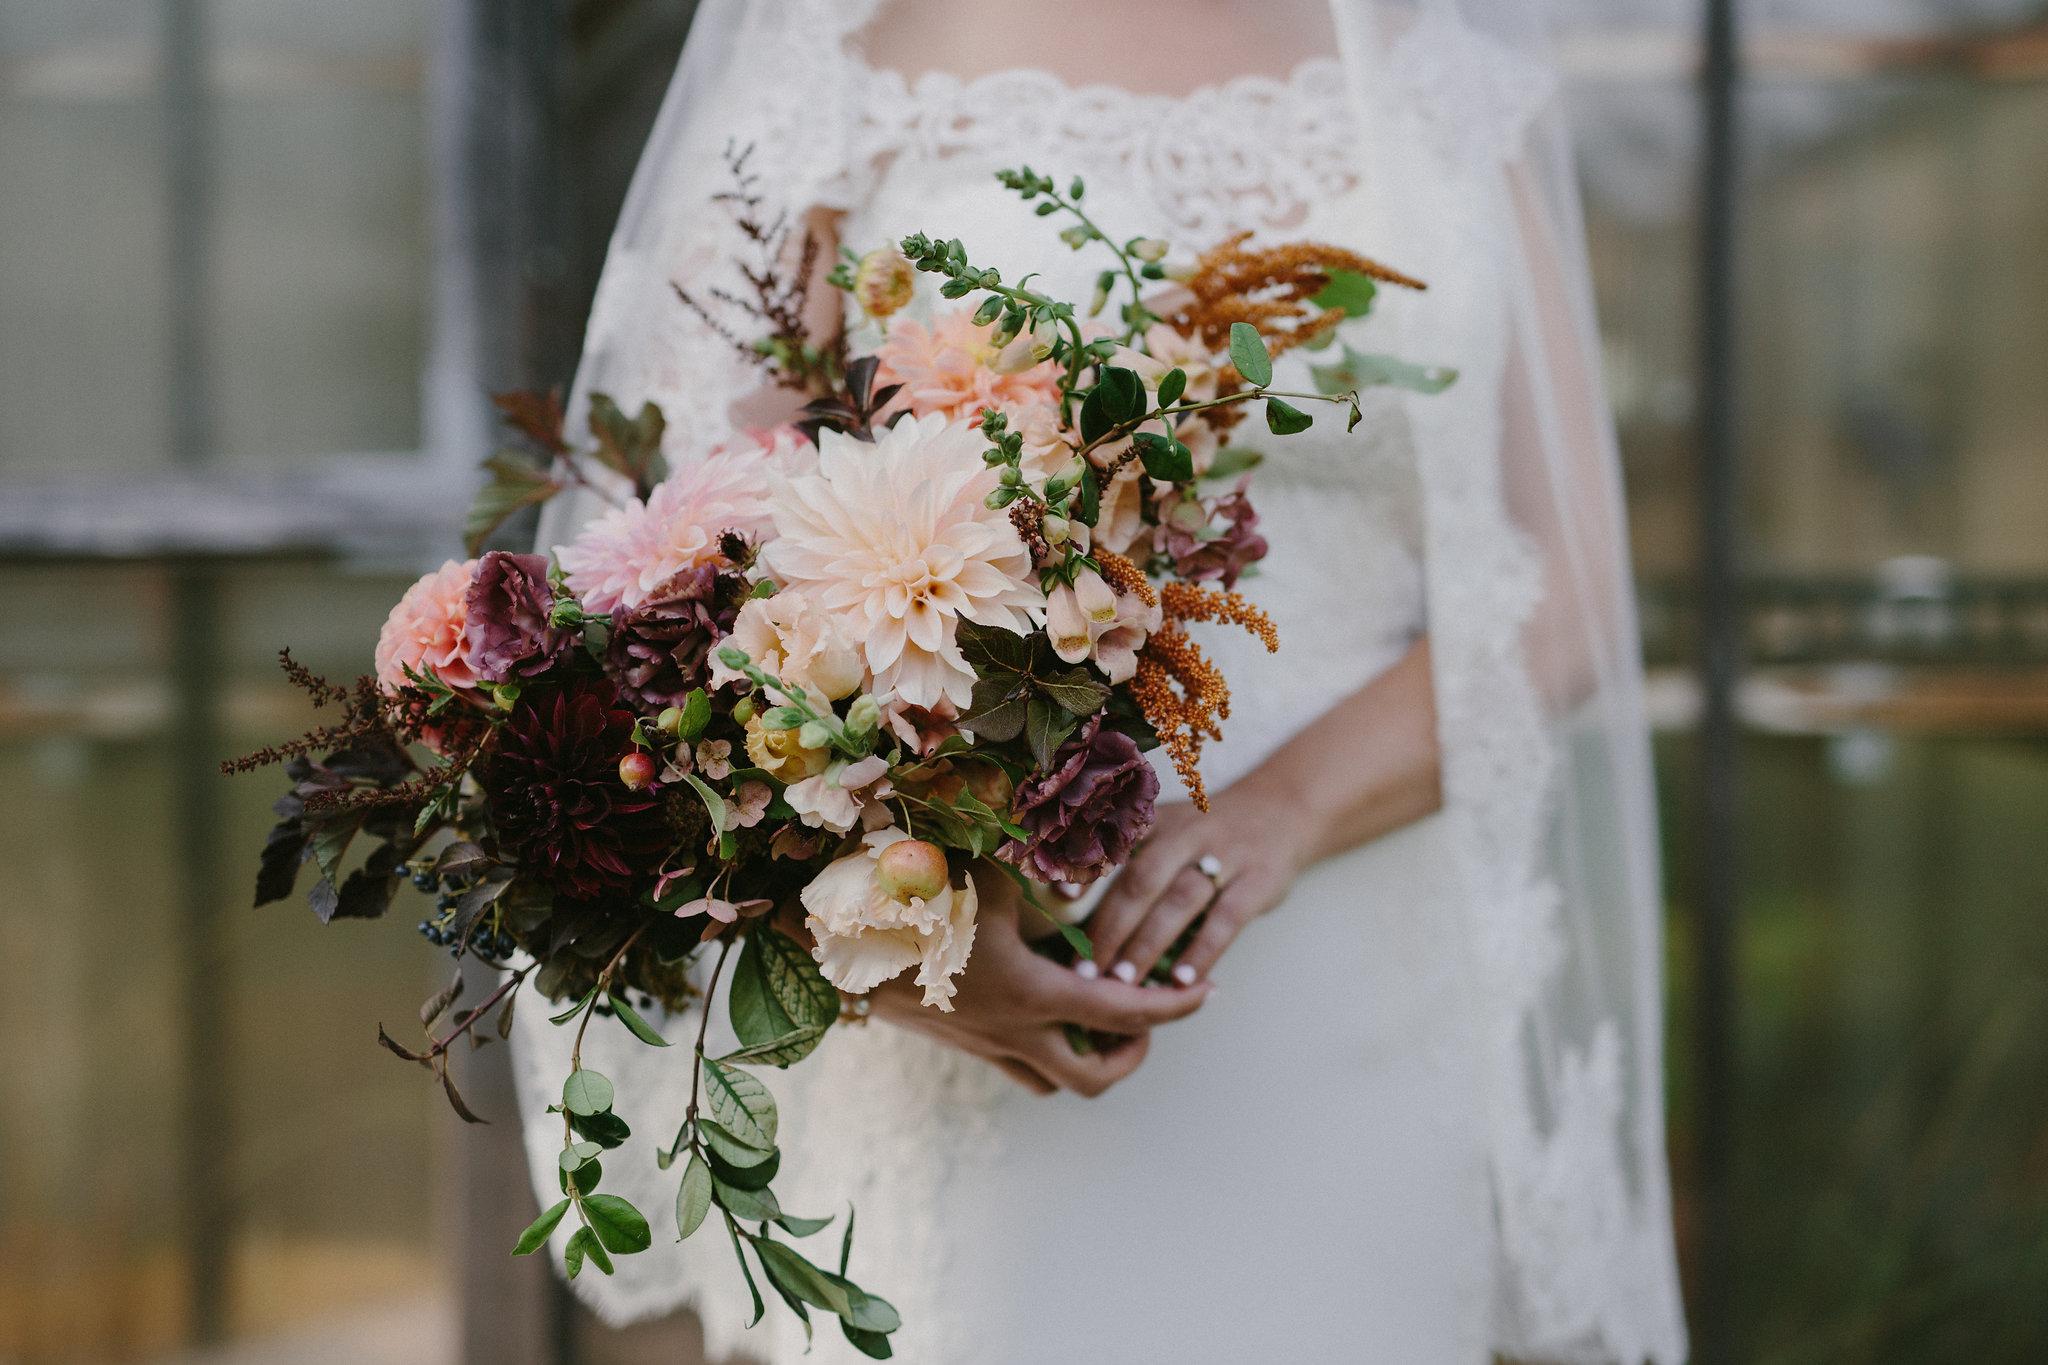 gaddes-jablonowski-wedding-516.jpg